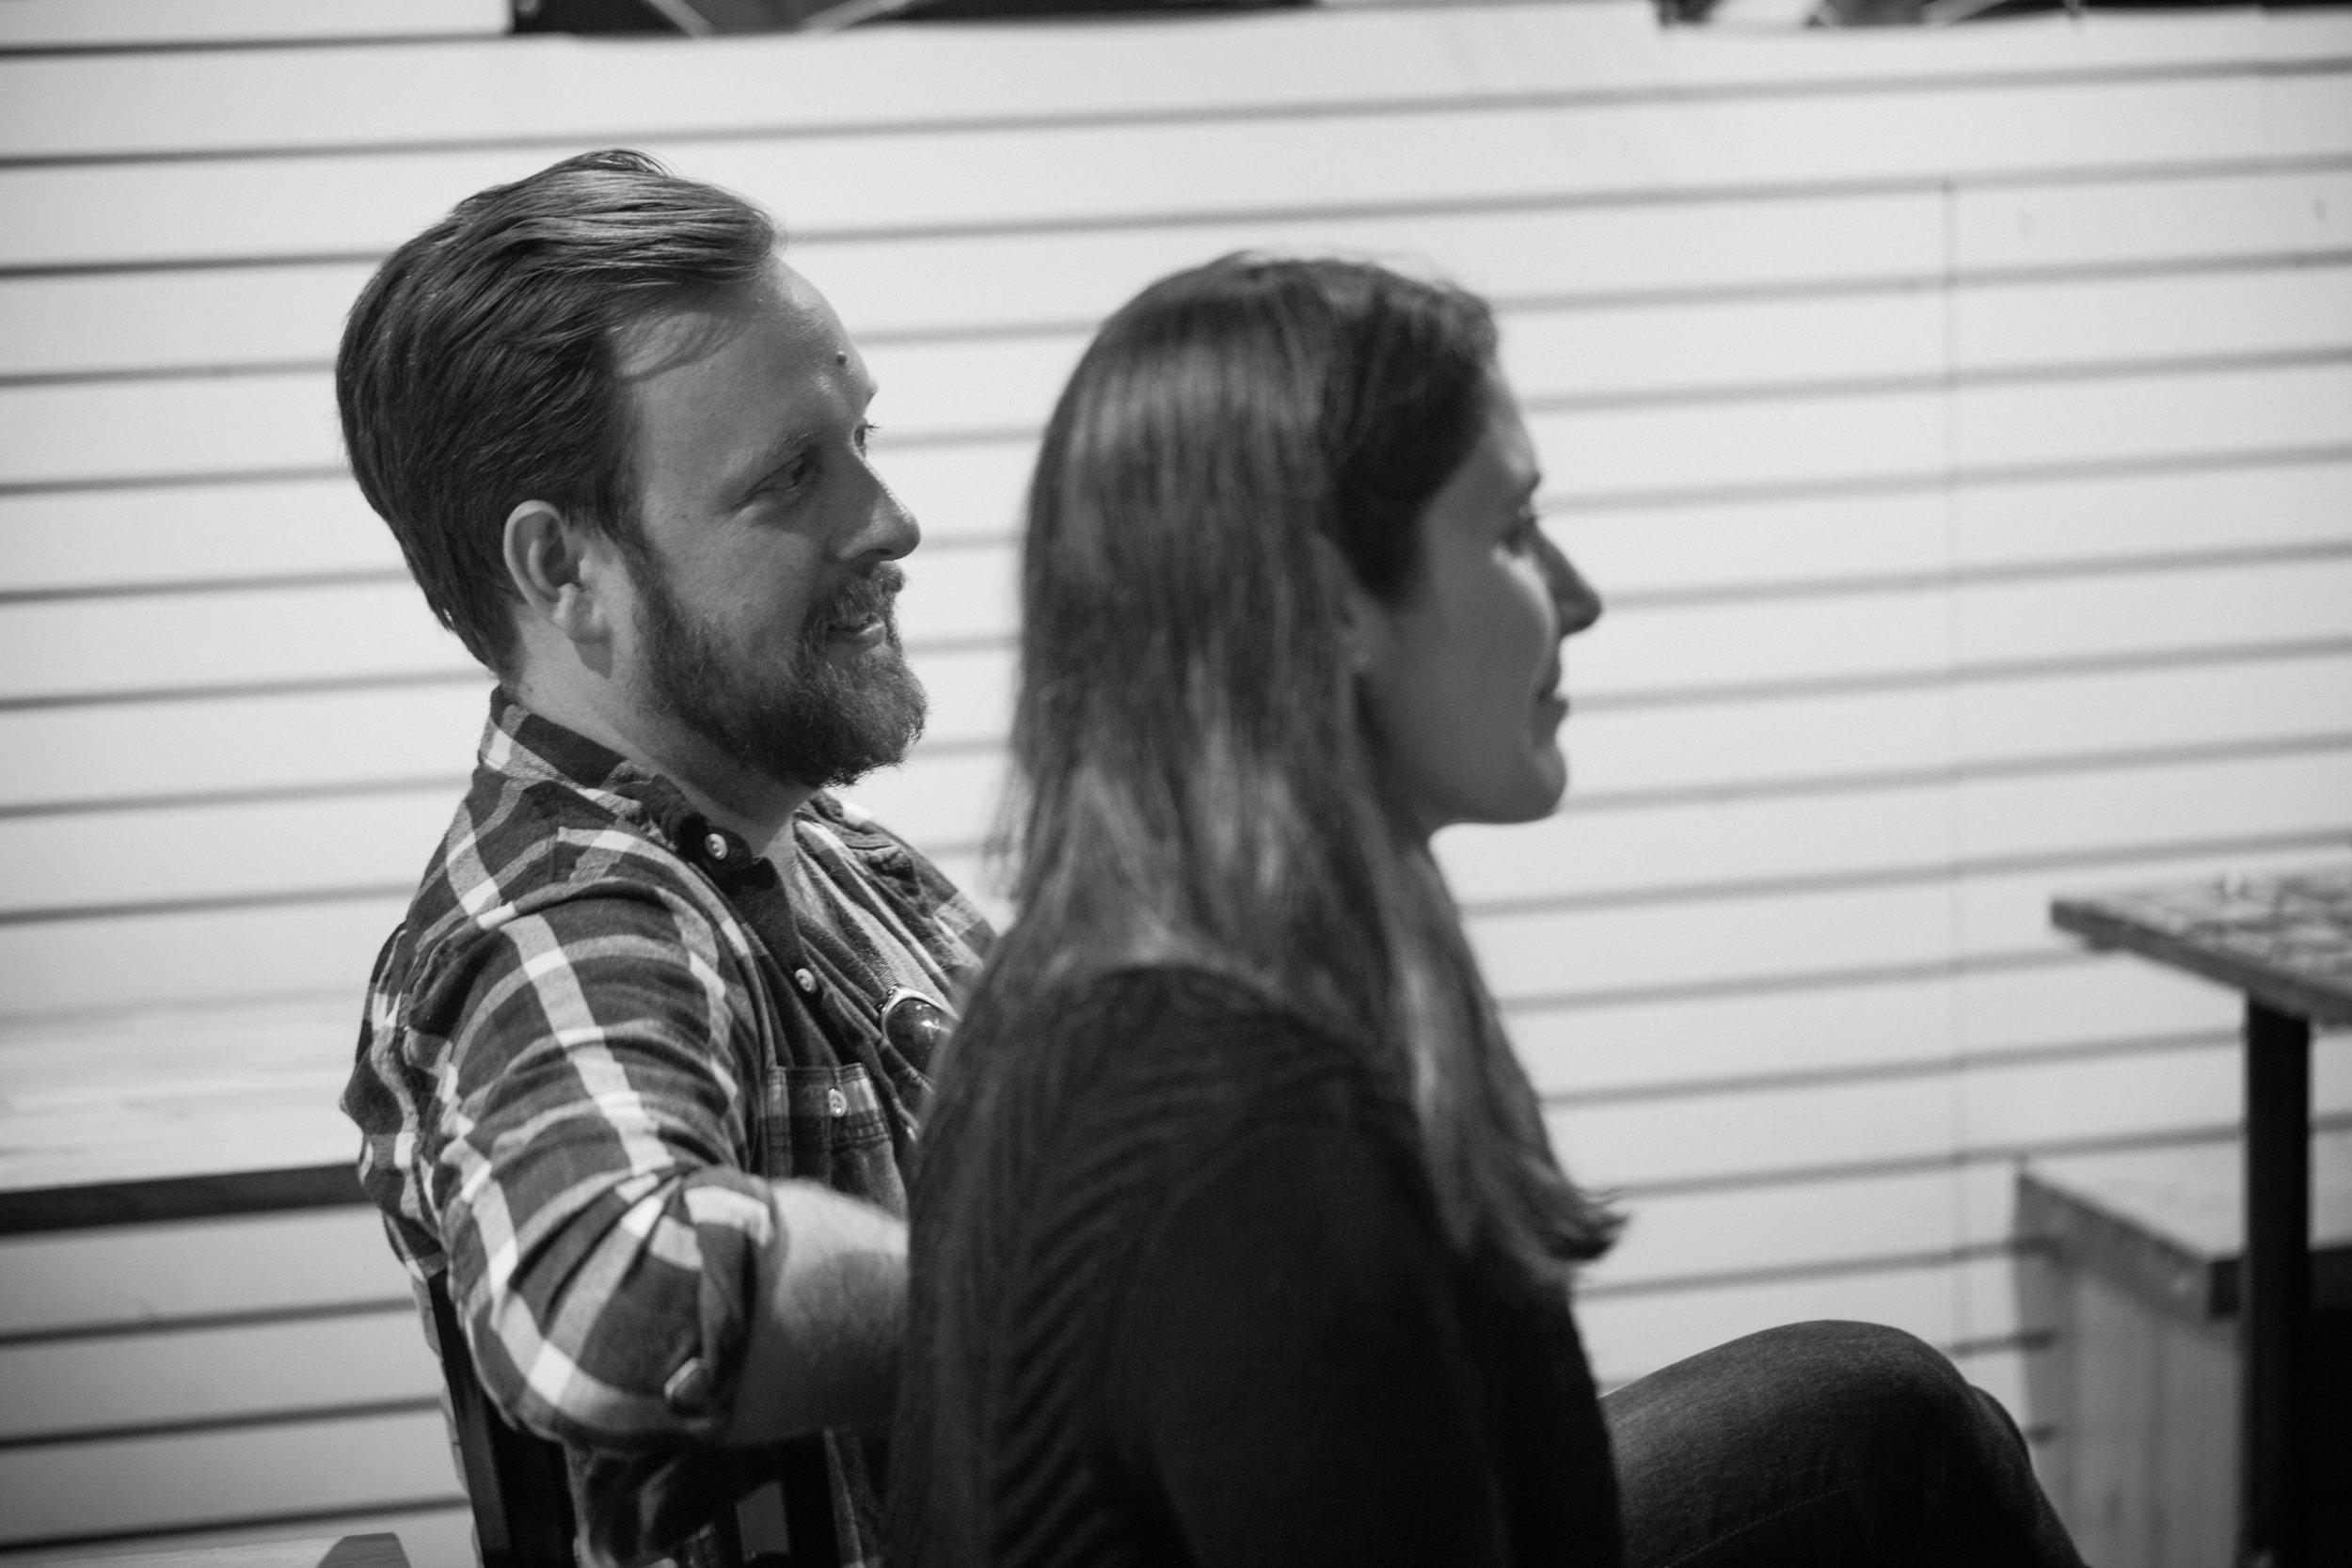 Director Geordie Broadwater. Photo by Katherine Oostman.